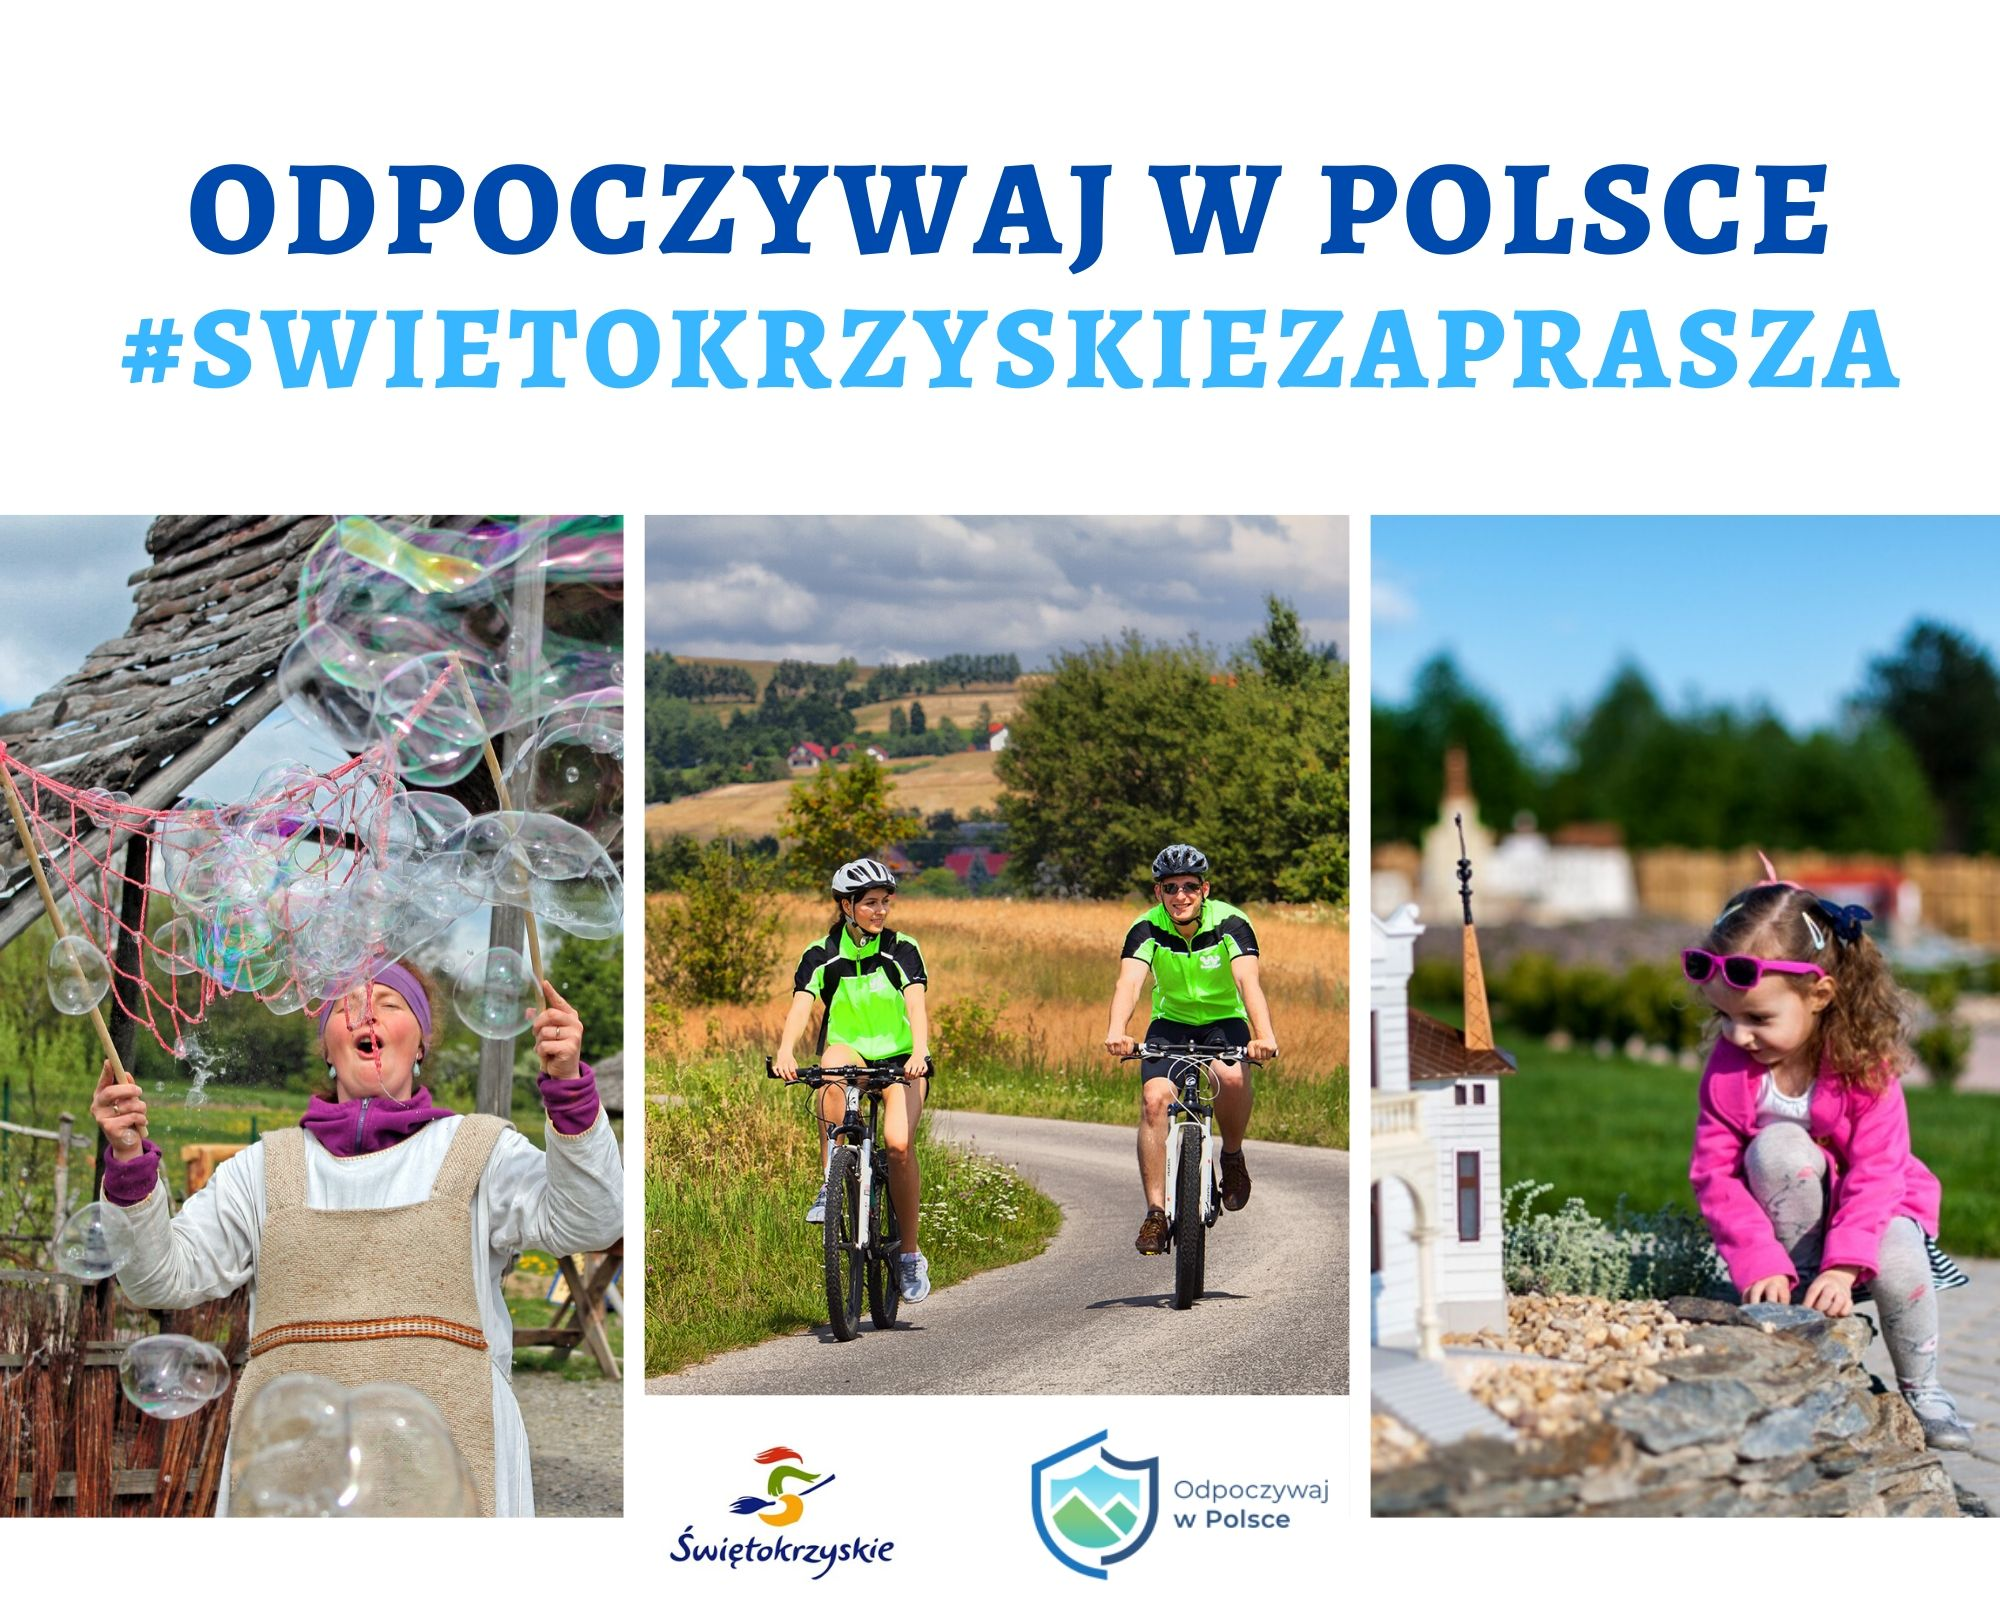 Odpoczywaj w Polsce - Świętokrzyskie zaprasza!